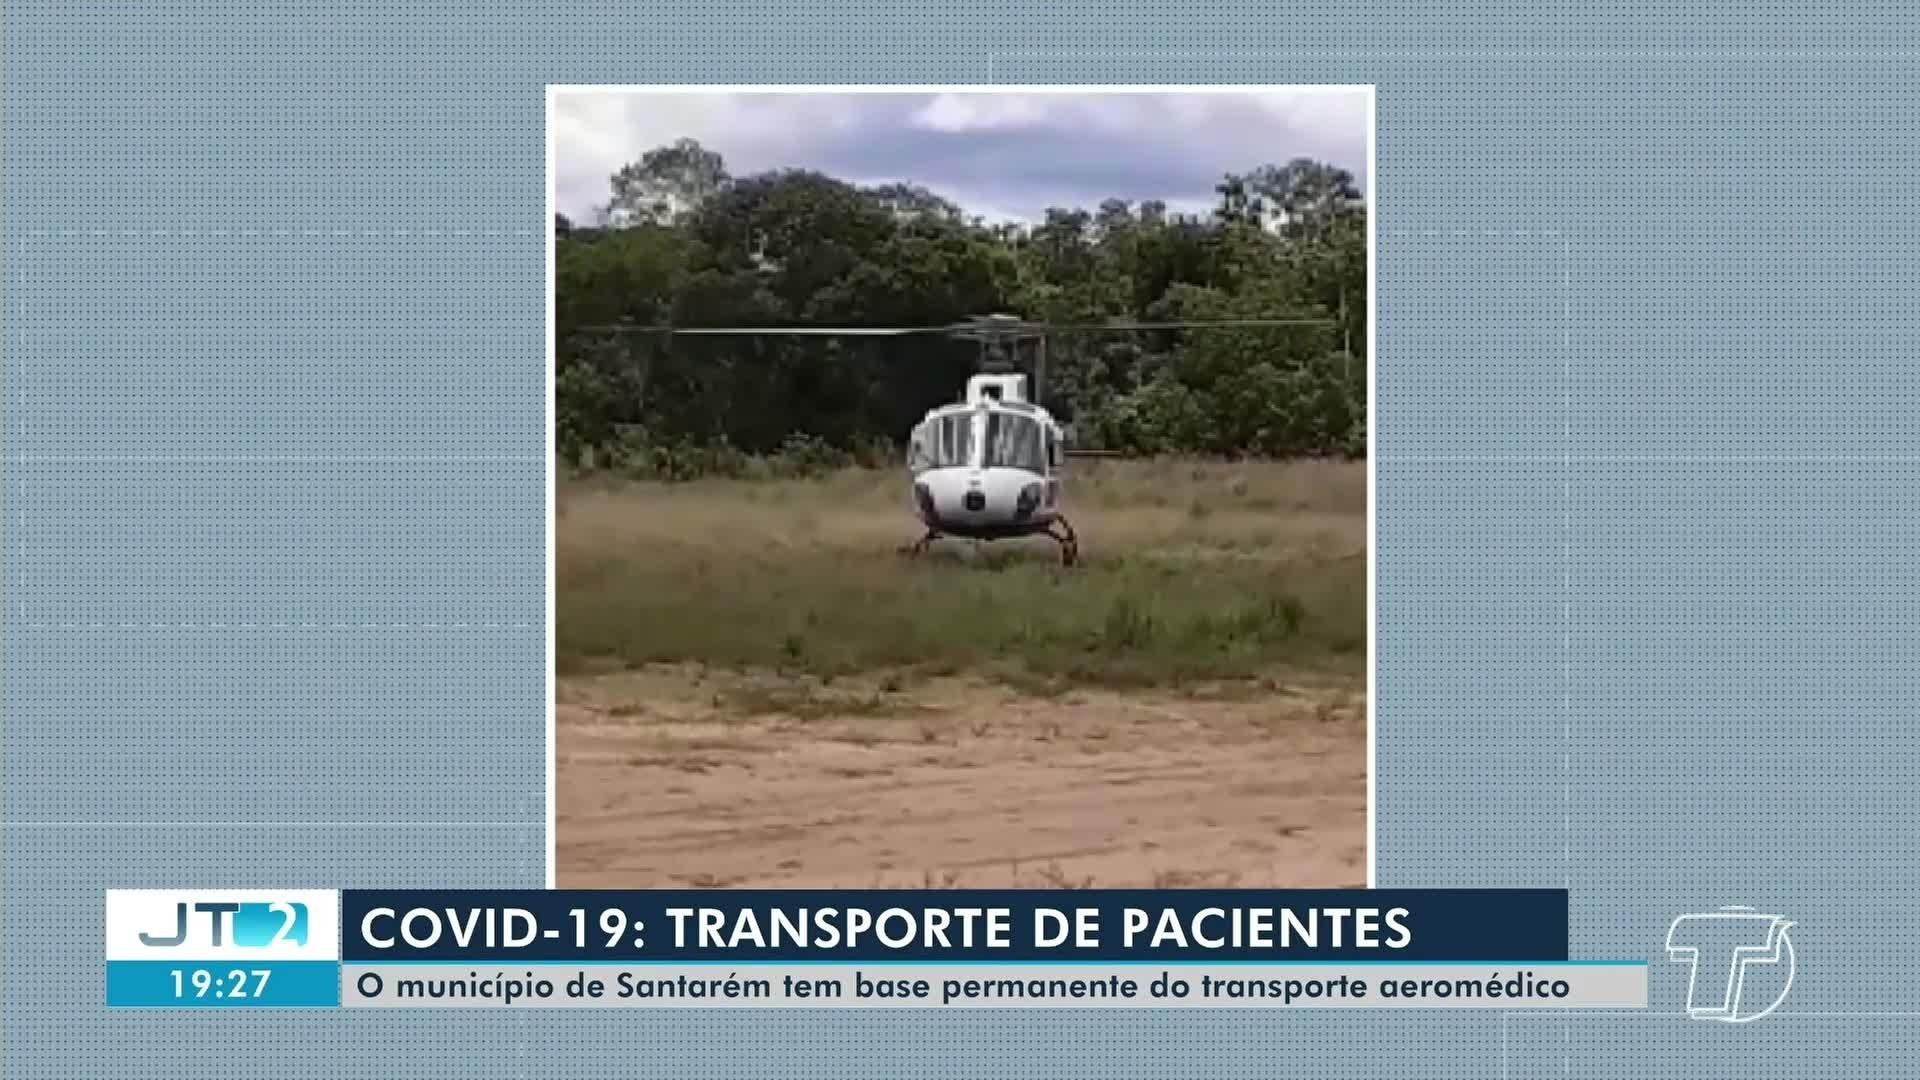 VÍDEOS: Jornal Tapajós 2ª Edição de sexta-feira, 24 de abril